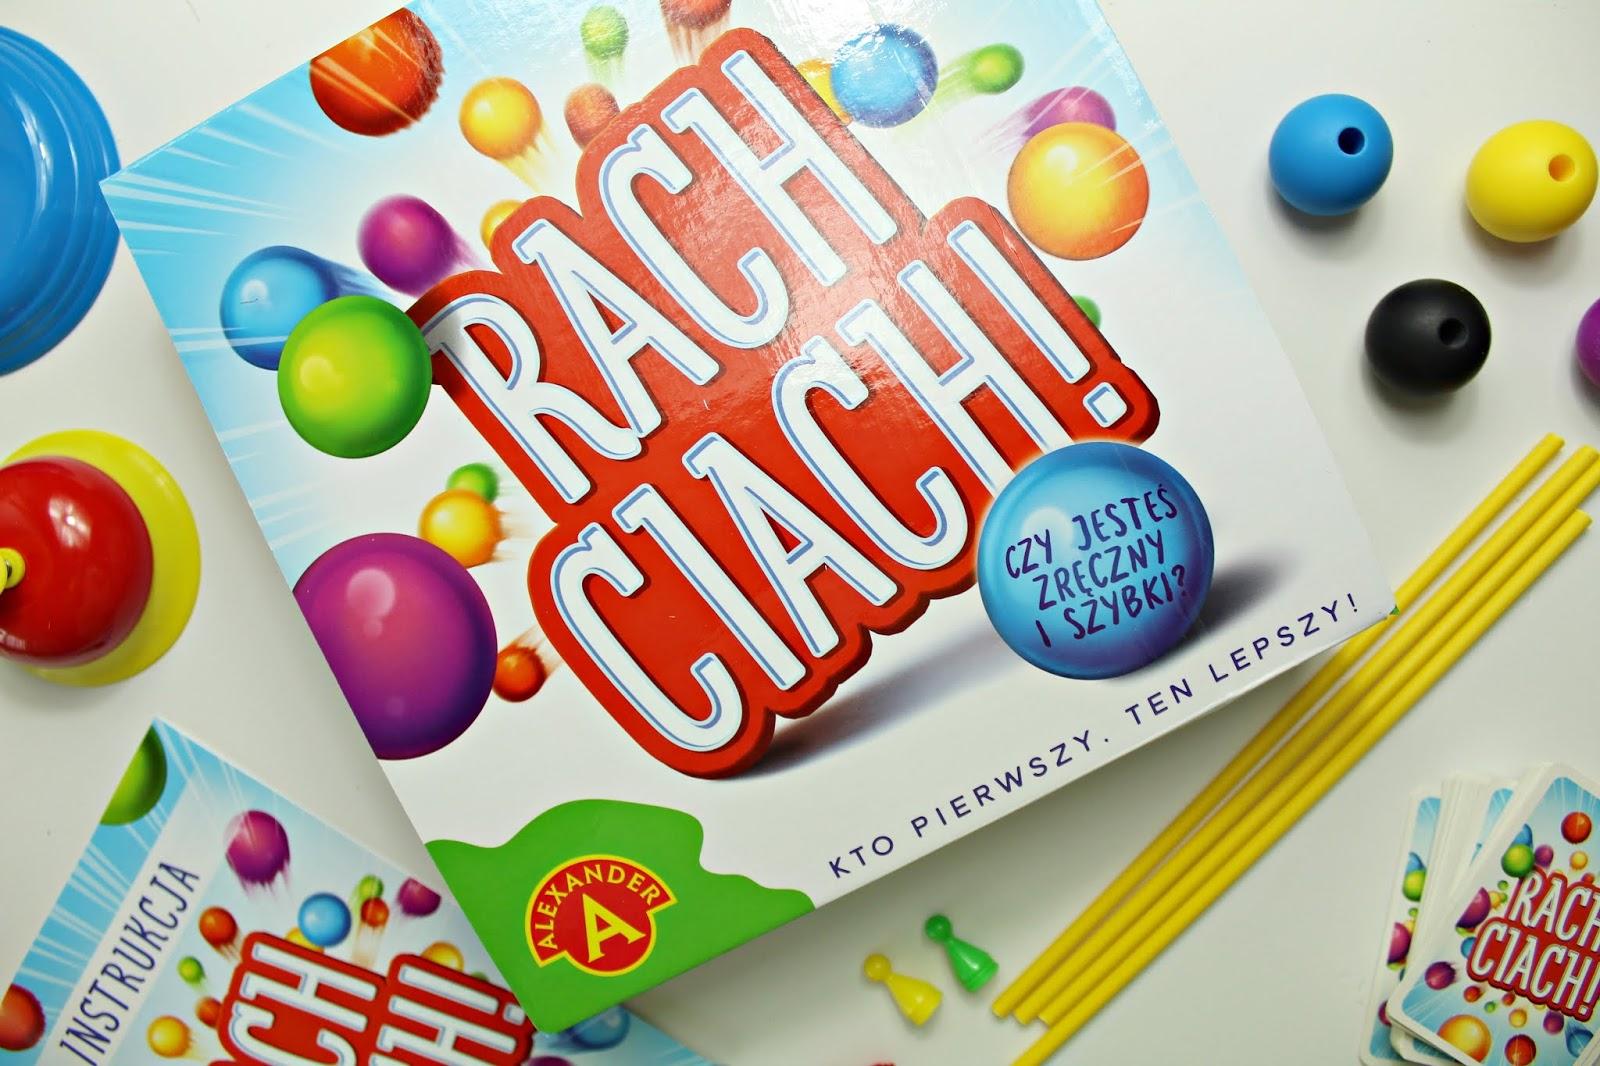 RACH CIACH - wersja familijna - ALEXANDER